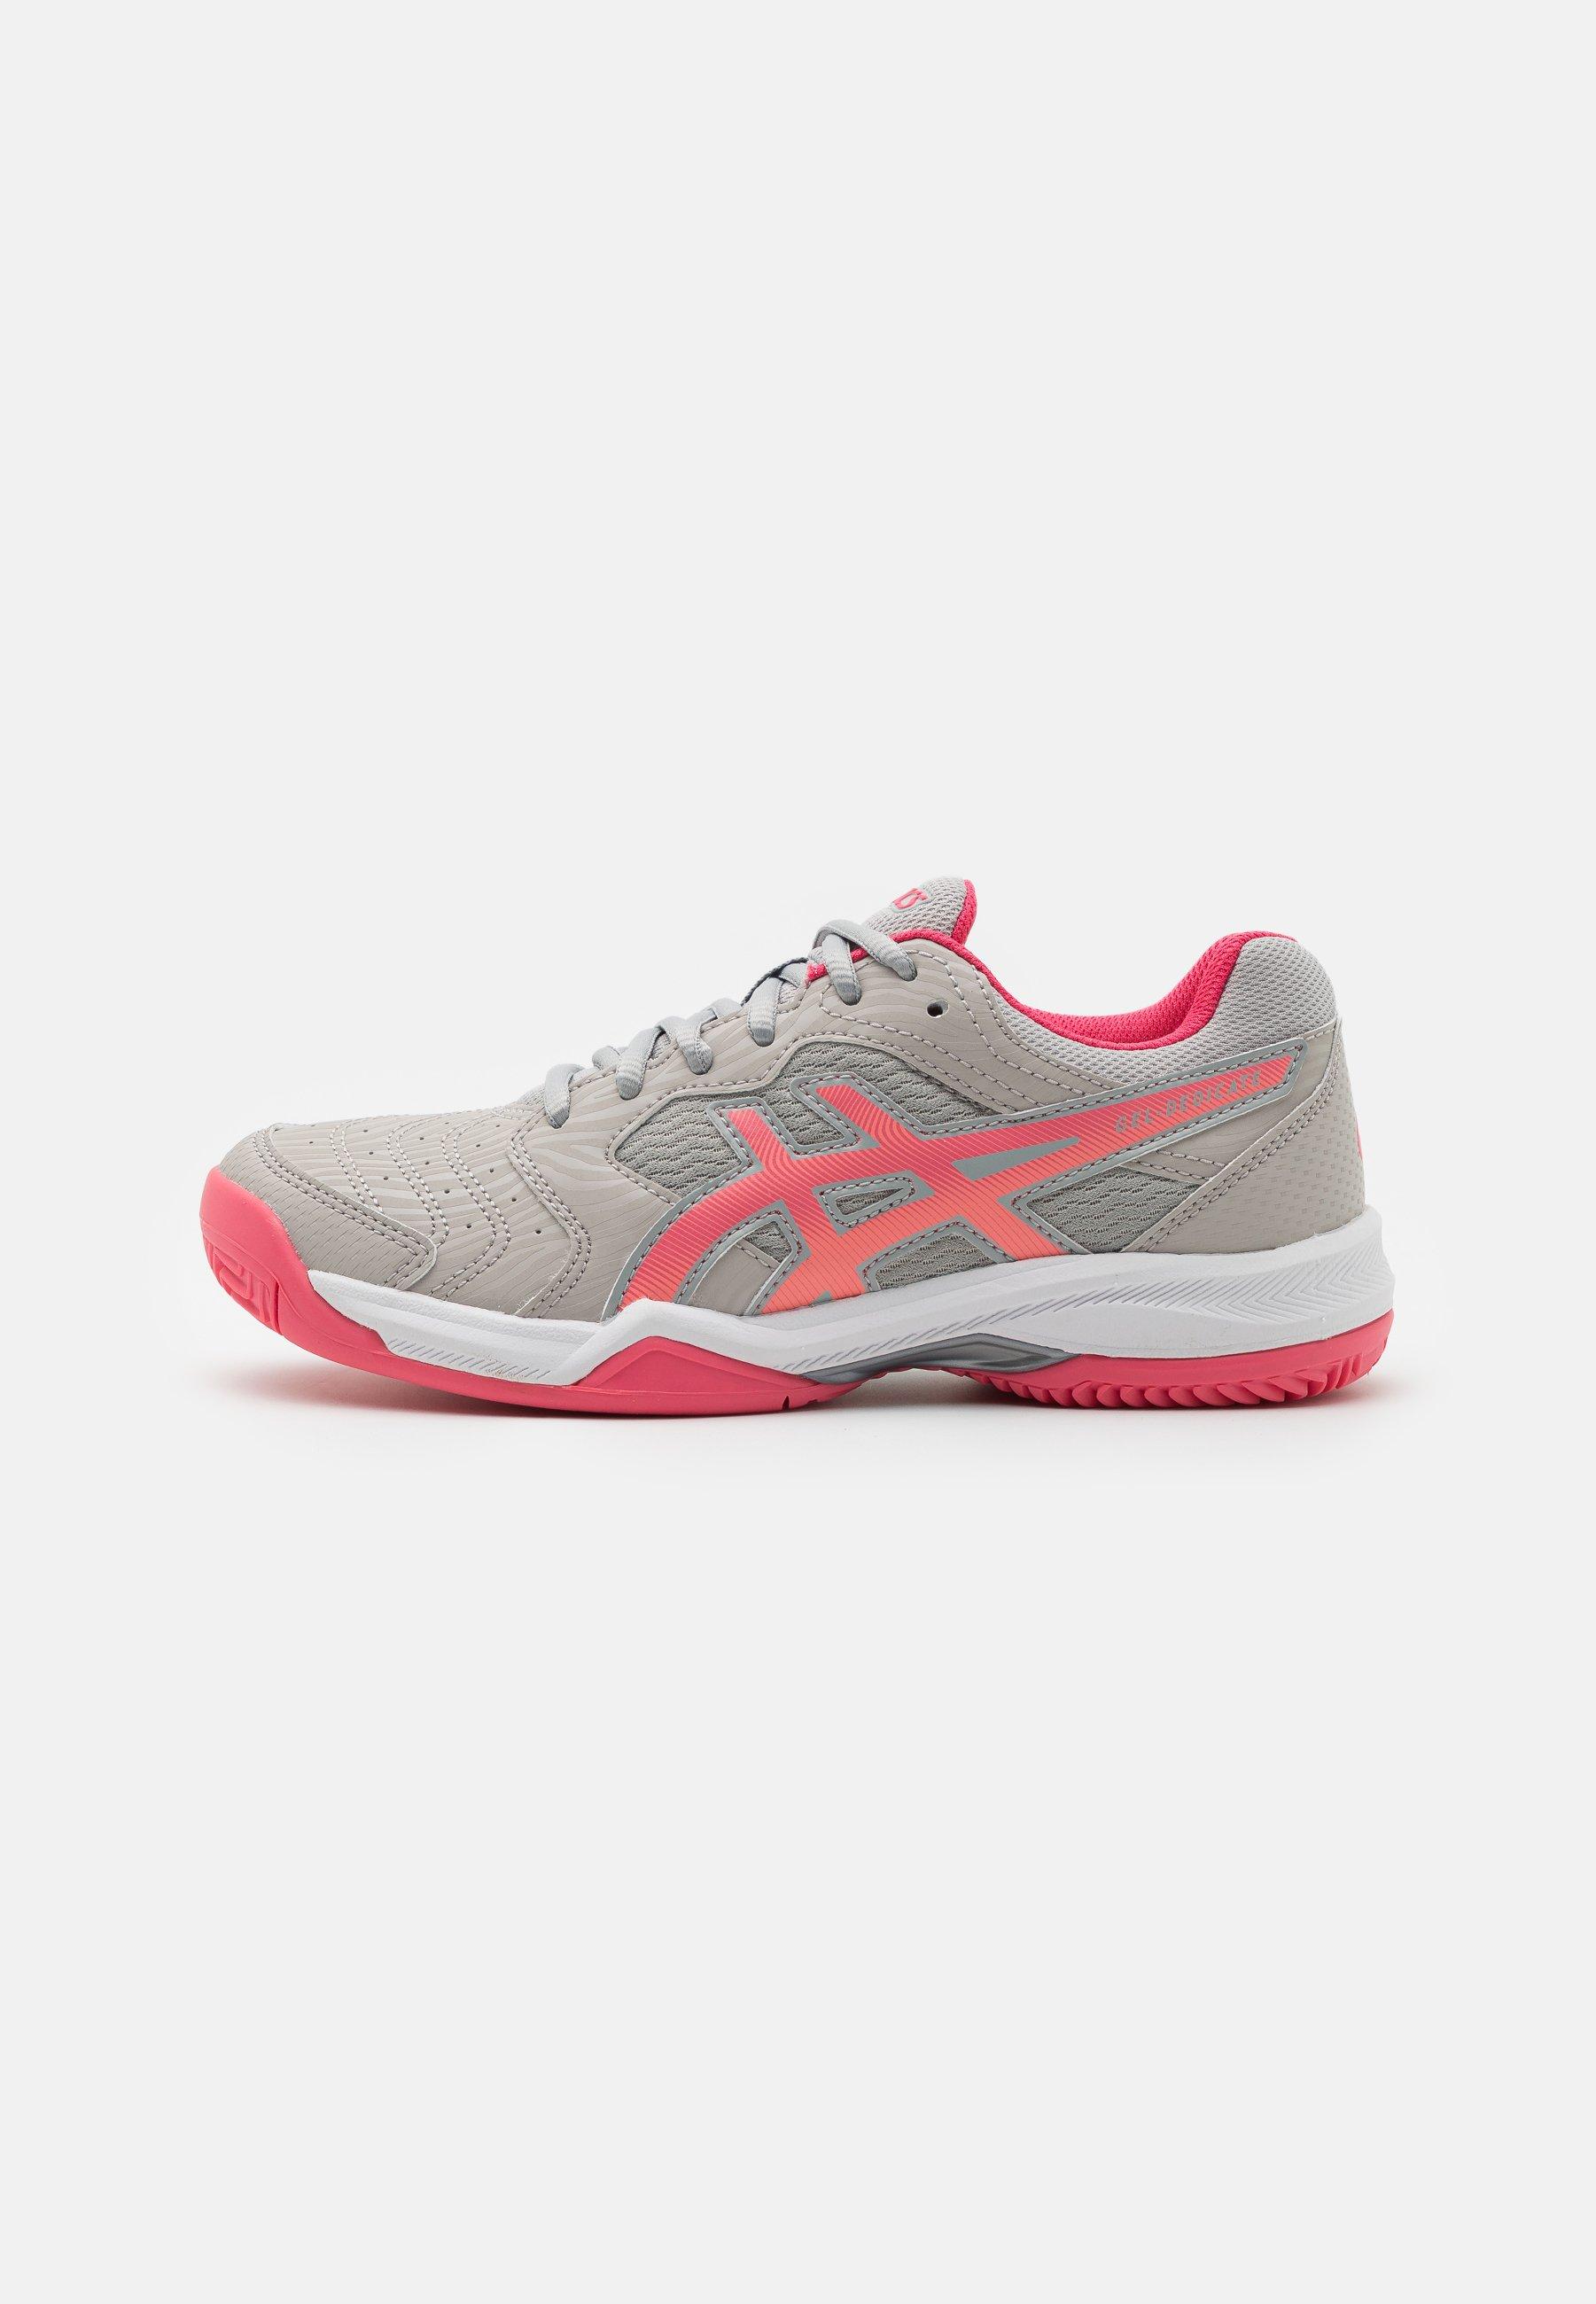 Femme GEL-DEDICATE 6 CLAY - Chaussures de tennis pour terre-battueerre battue